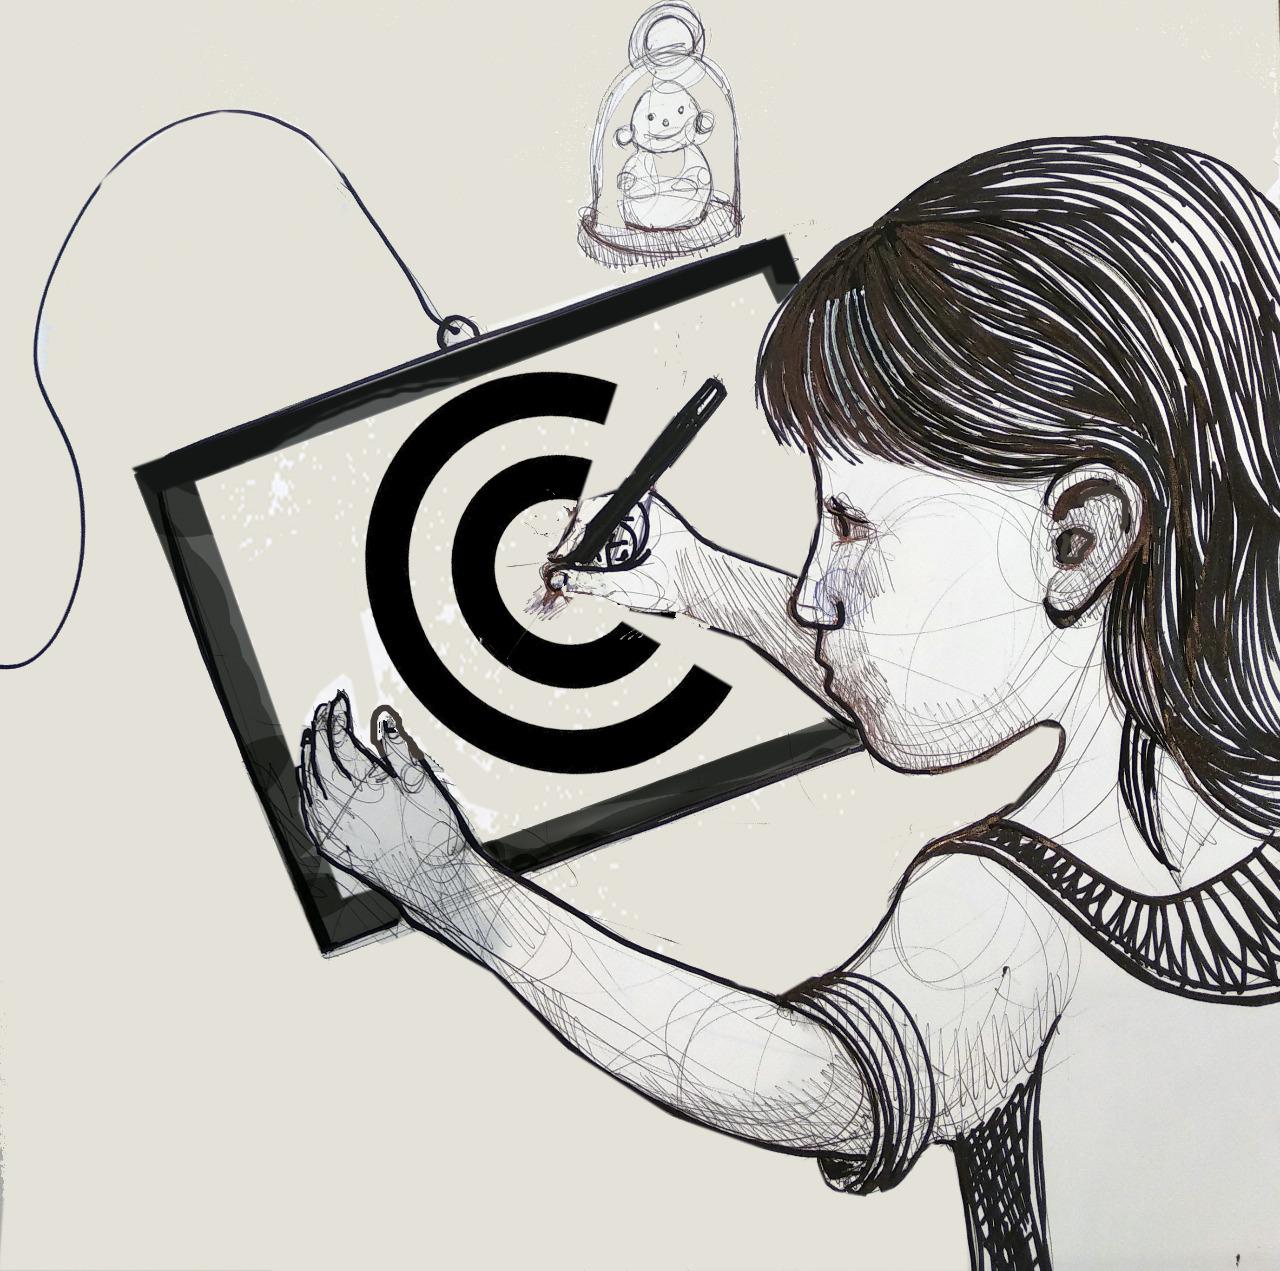 Licencias a la carta: en el siglo XXI la decisión es del autor